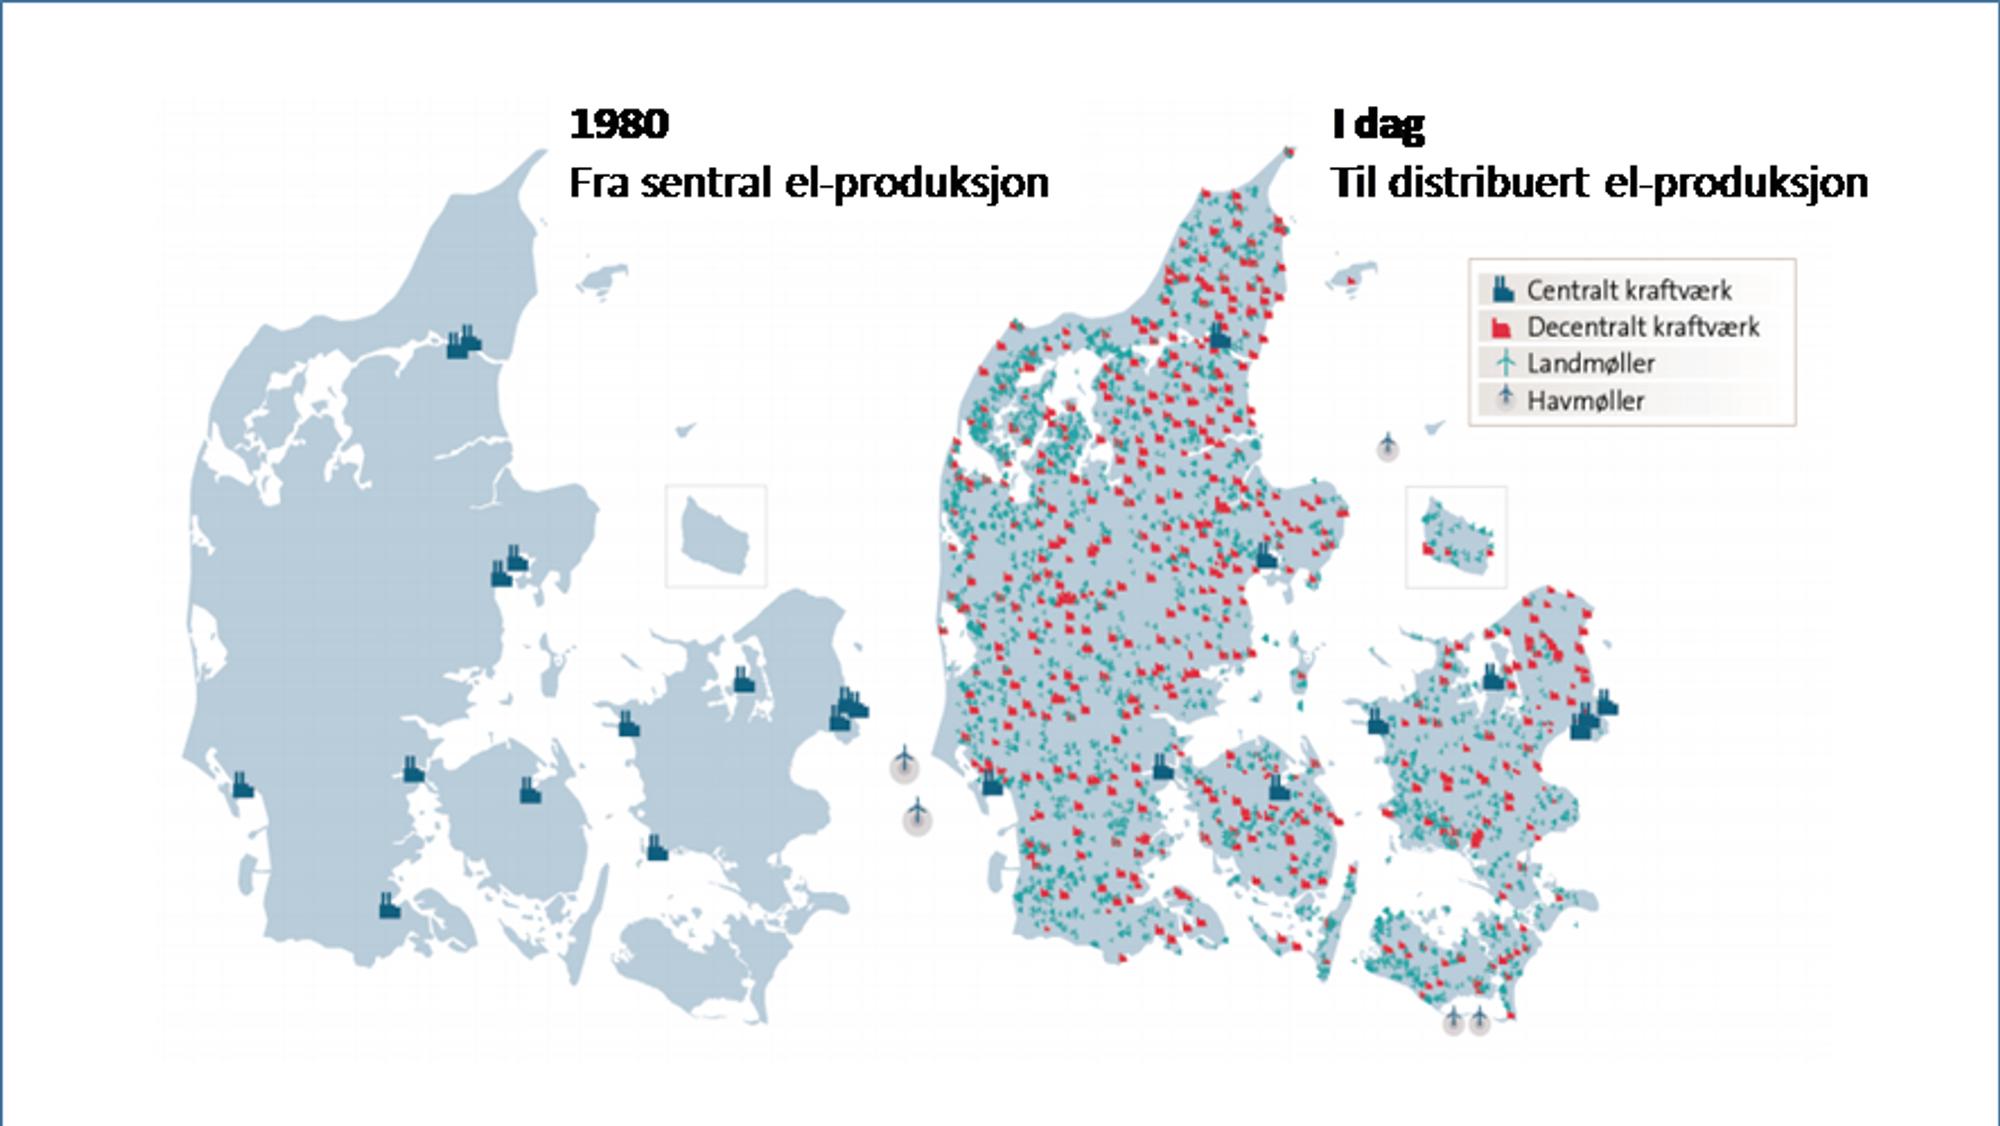 Danmark har snudd energisystemet sitt fullstendig på hodet de siste tiårene. Fra noen få store kullkraftverk, til tusenvis av små vindkraftprodusenter. Og danskene har håndtert dette bra, faktisk best i verden, ifølge IEA.